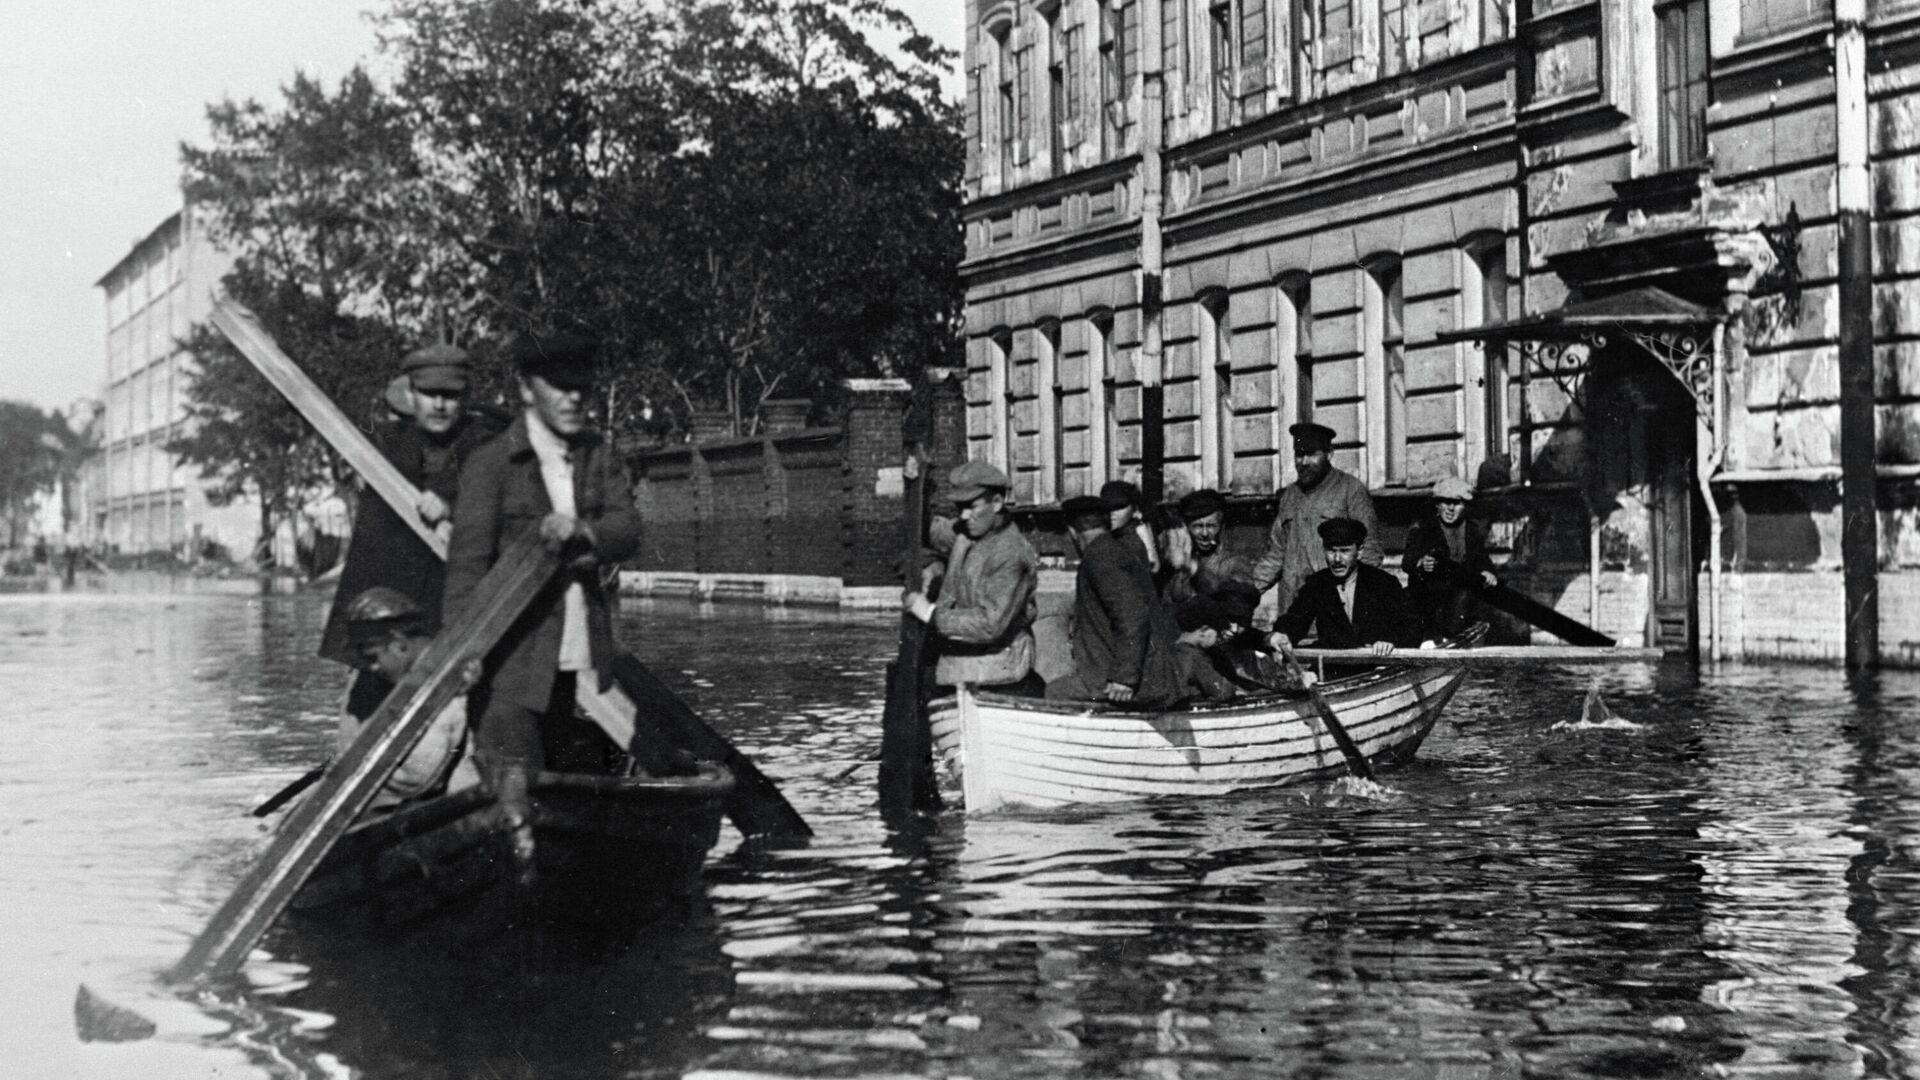 Жители города, затопленного при наводнении, передвигаются по улицам в лодках - РИА Новости, 1920, 23.09.2021